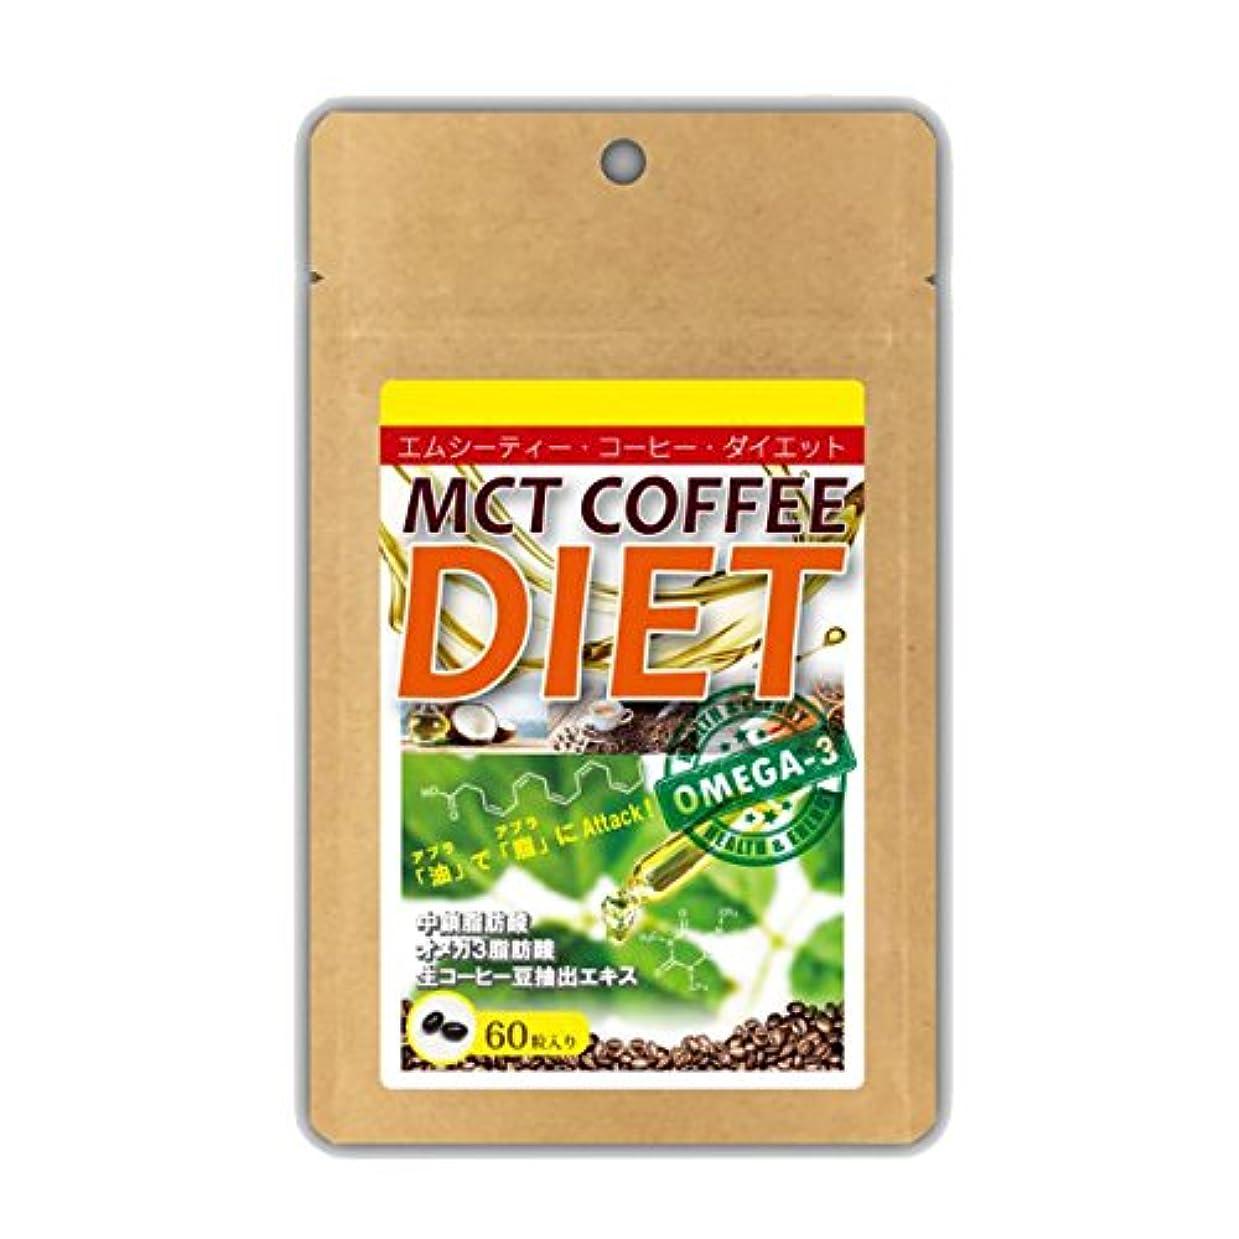 はちみつ指令ミルク【MCTオイル】MCTコーヒーダイエット 60カプセル入り